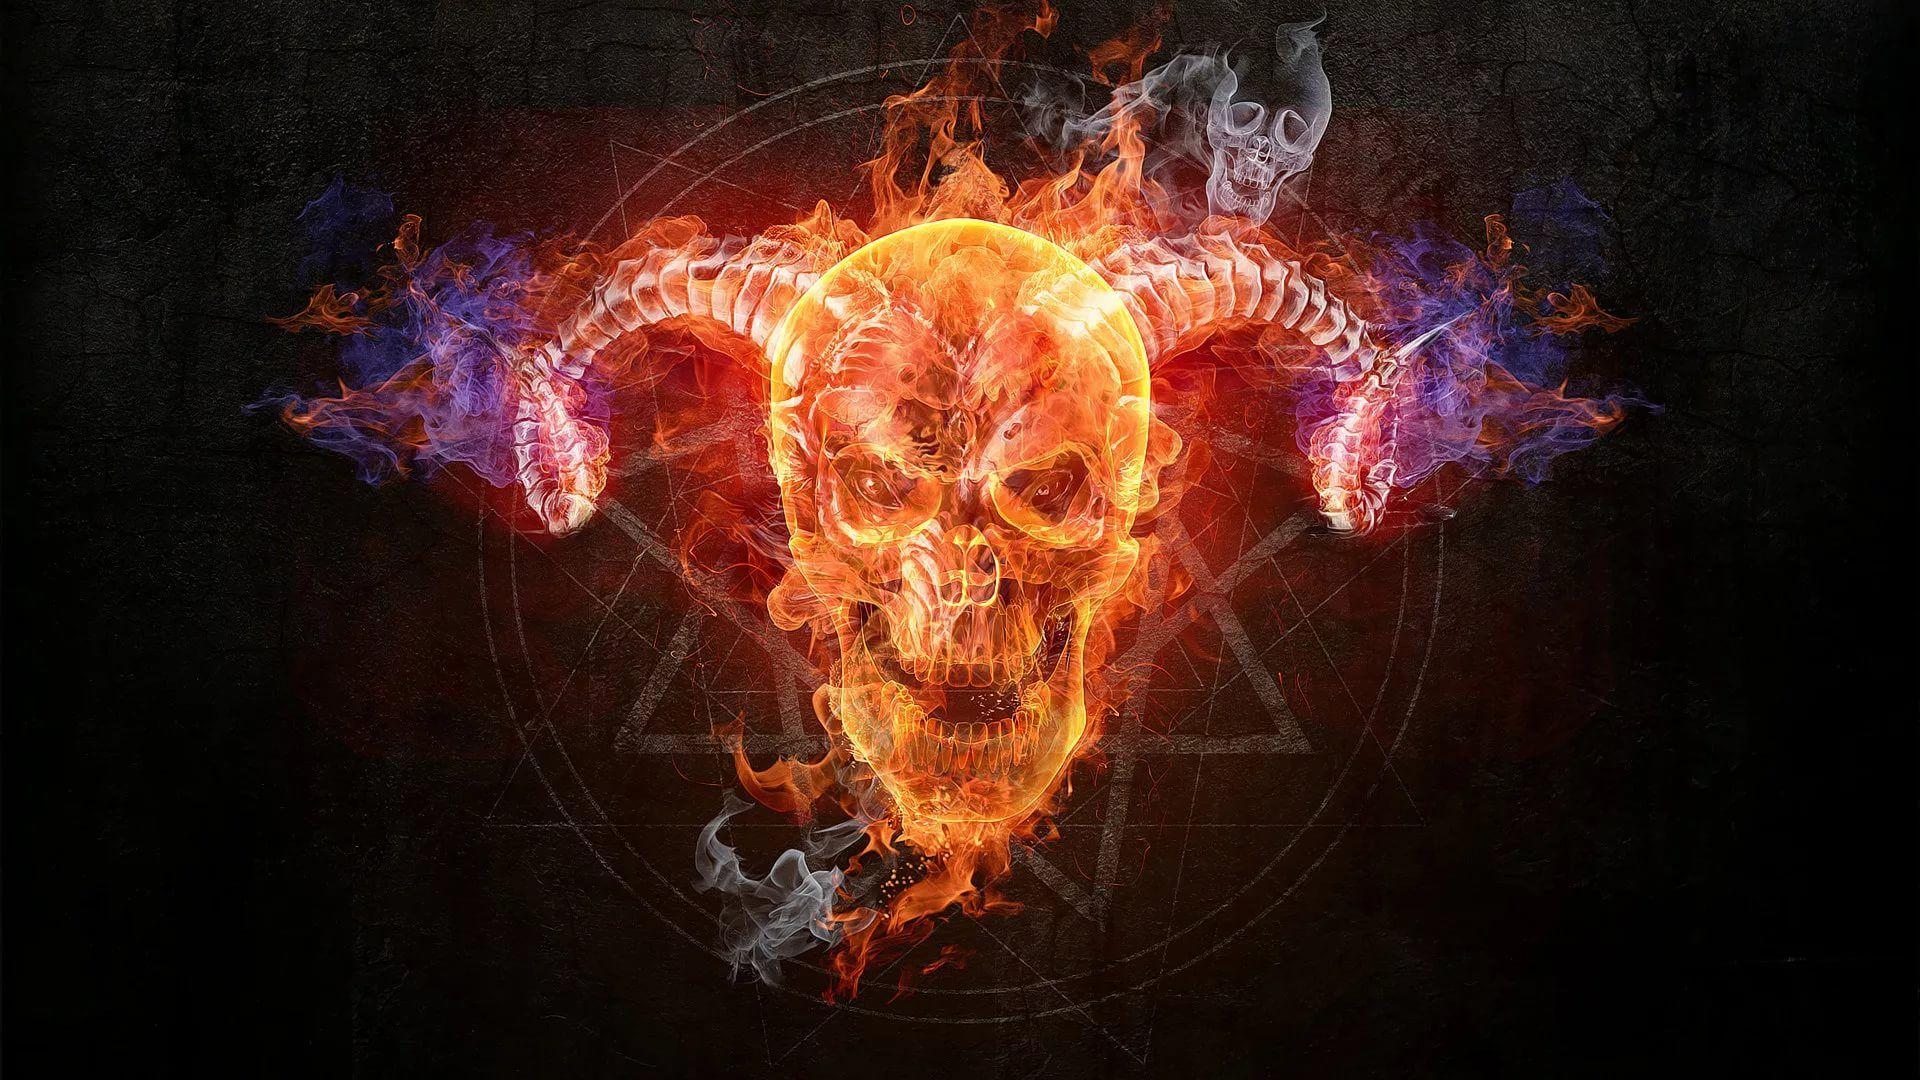 Flaming Skull Free Desktop Wallpaper